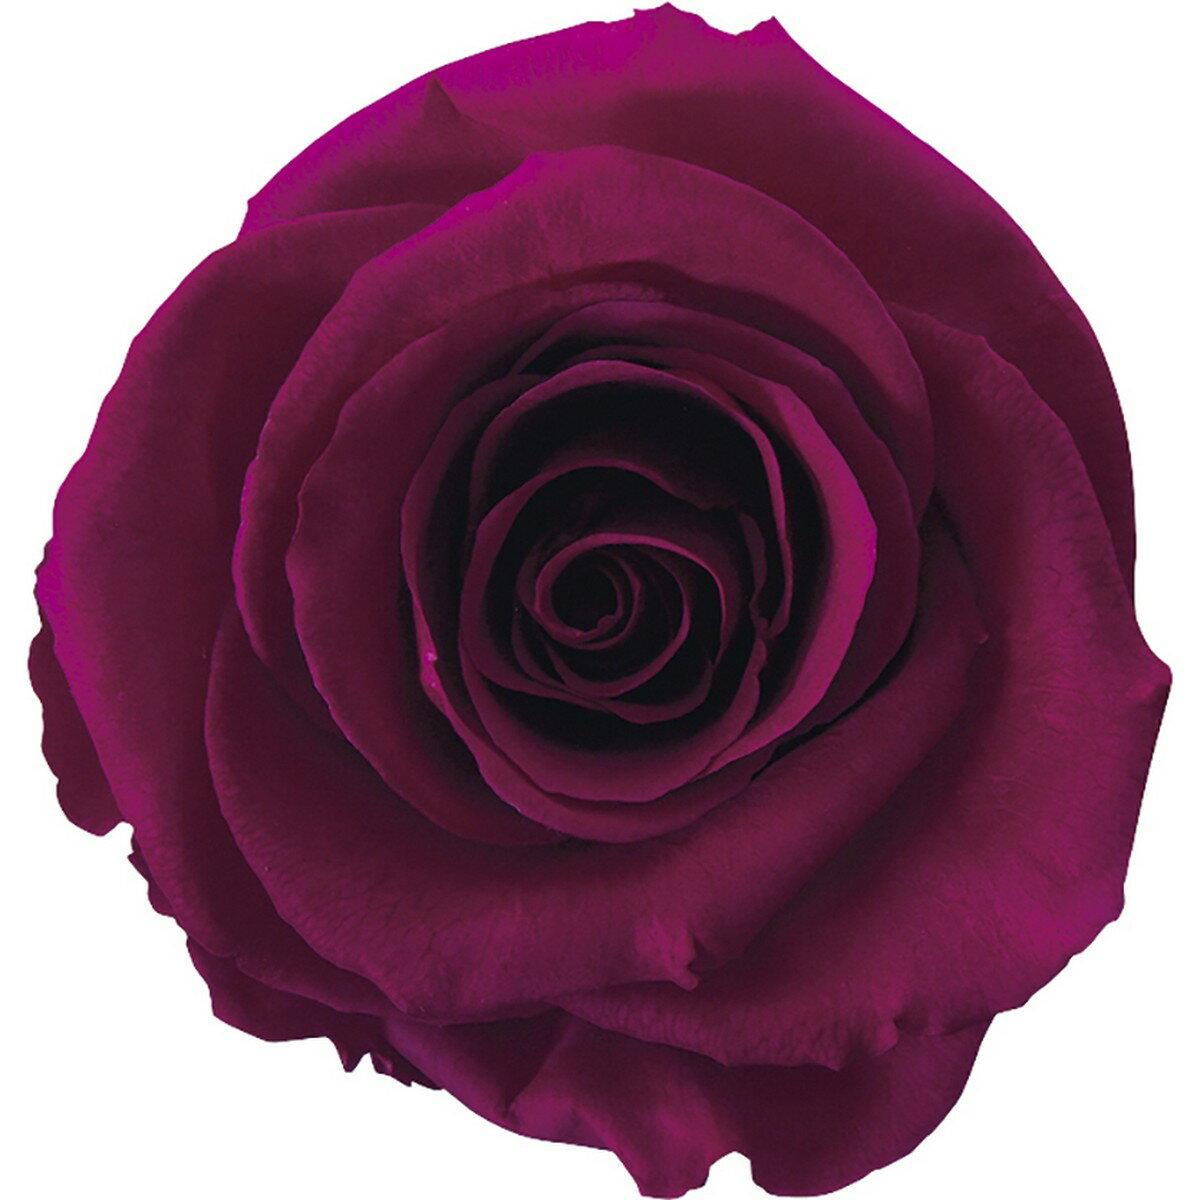 【プリザーブド】アモローサ/ティエラ 6輪 リッチプラム/1101-52【01】【01】【取寄】《 プリザーブドフラワー プリザーブドフラワー花材 バラ(ローズ) 》